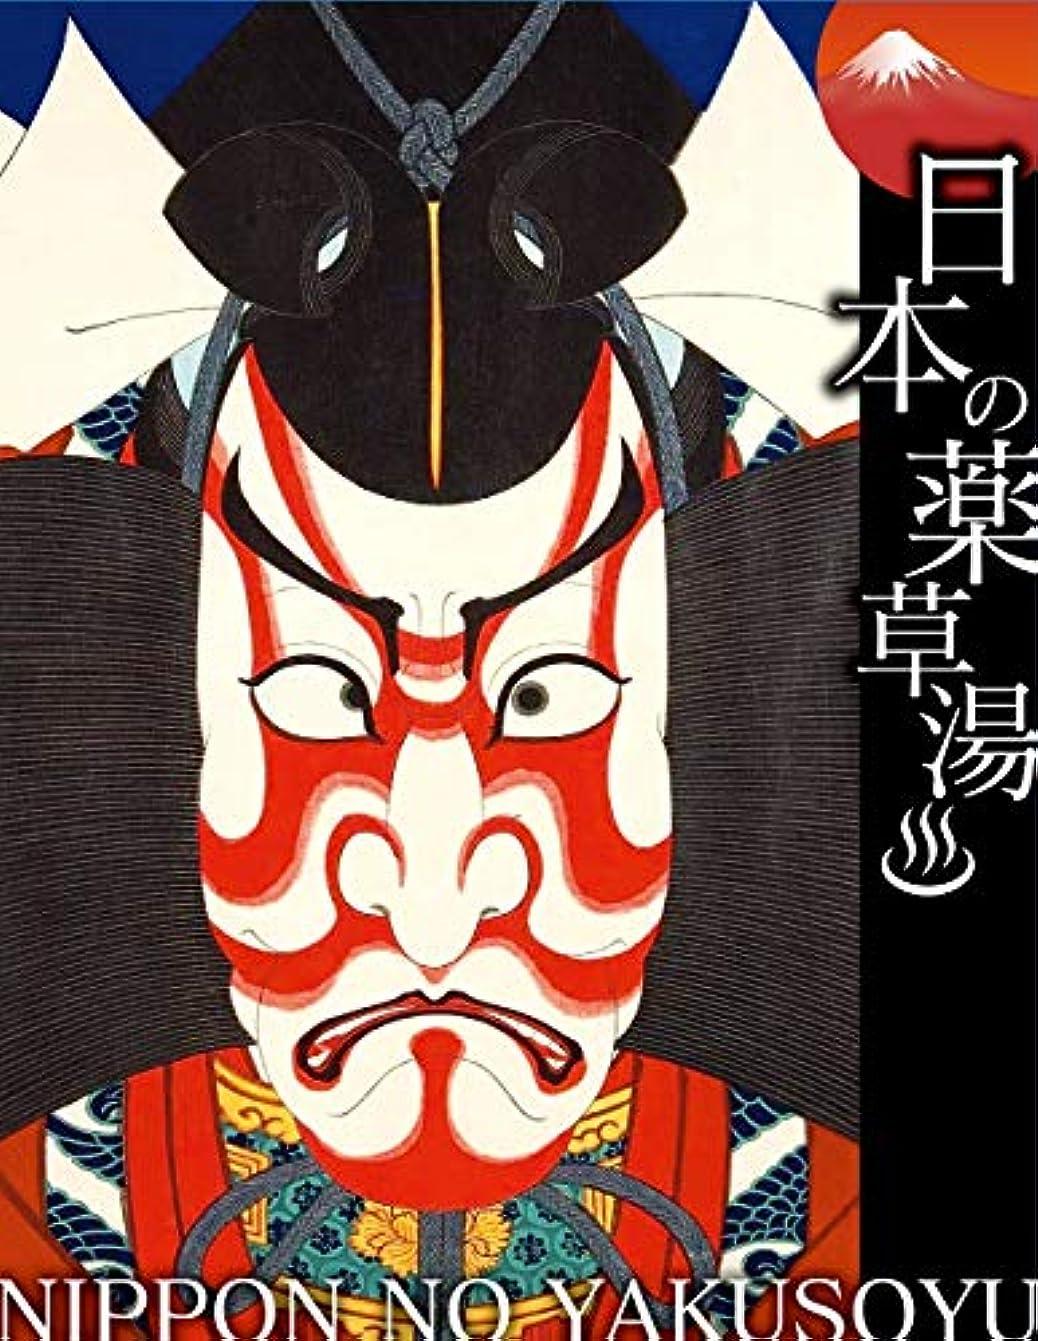 舌交響曲非難する日本の薬草湯 碓井荒太郎貞光 市川海老蔵 二九亭白猿